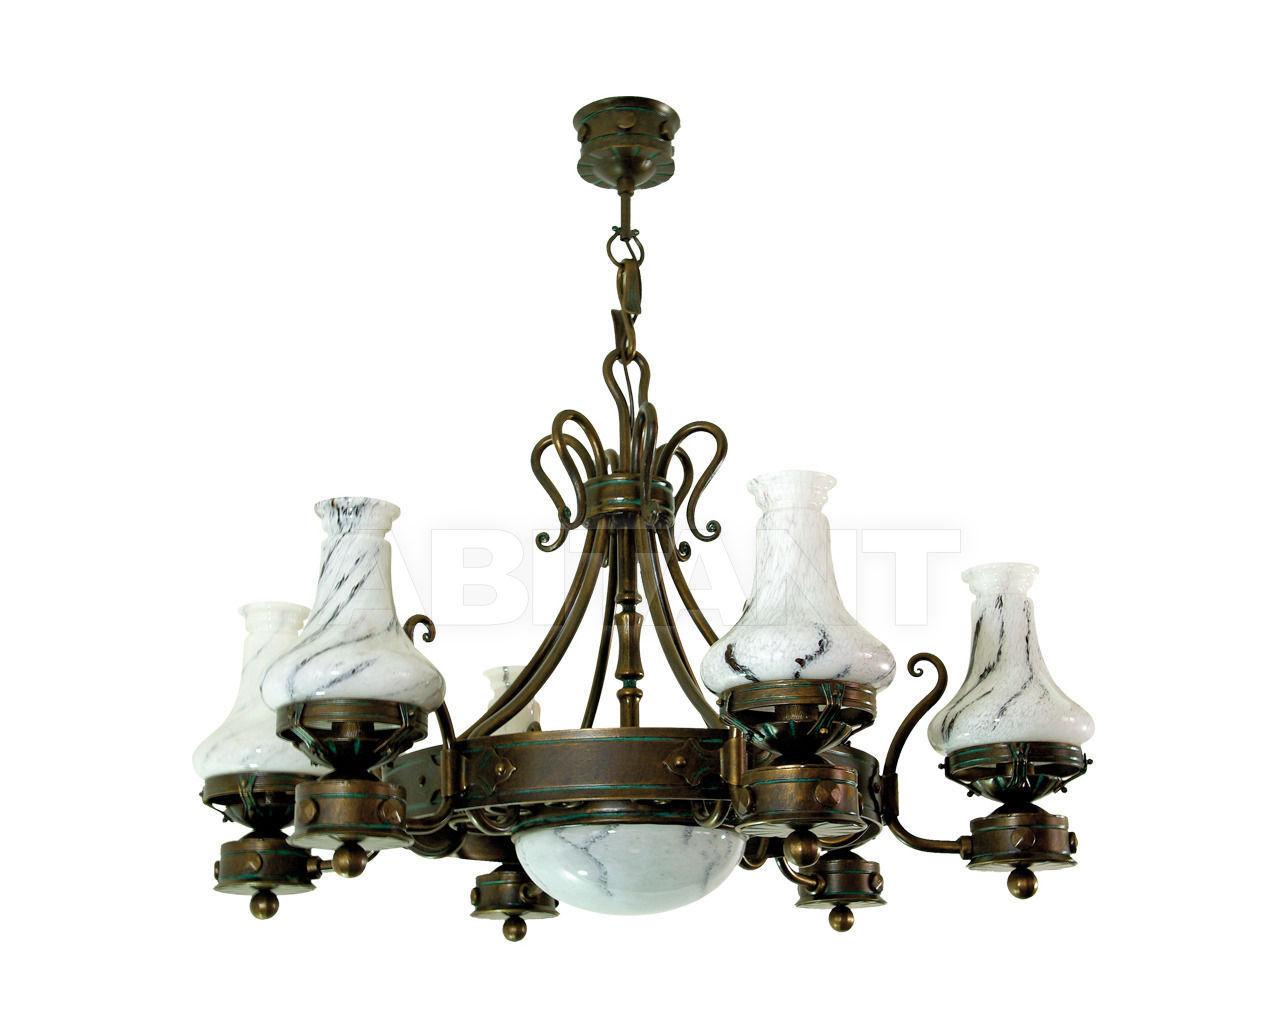 Купить Люстра Protea FMB Leuchten Schmiedeeisen Lampen Und Leuchten 94192